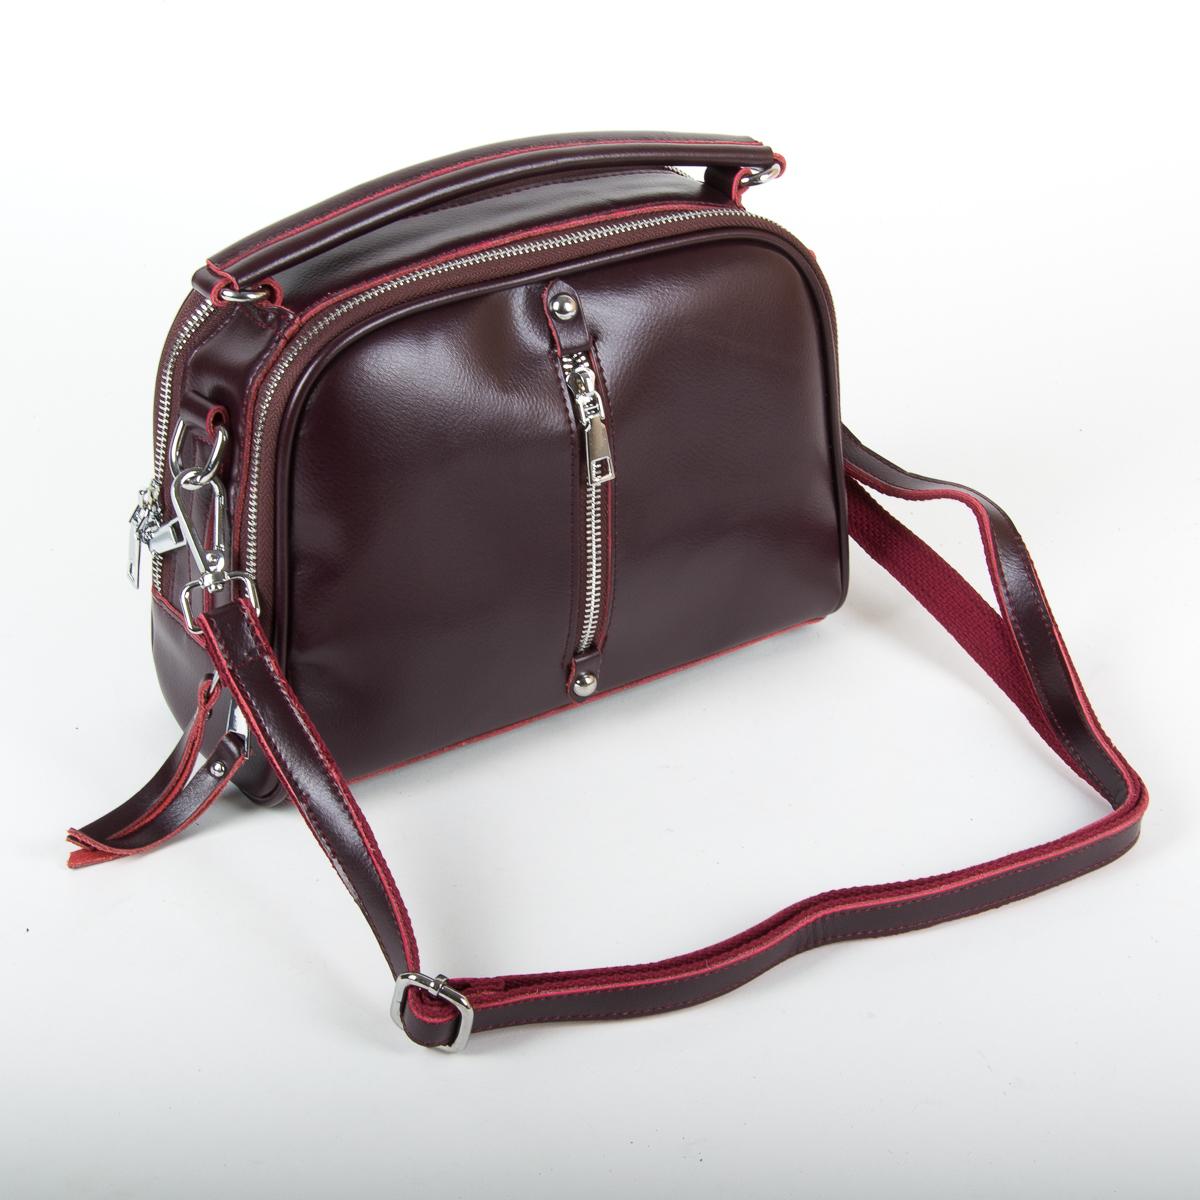 Сумка Женская Классическая кожа ALEX RAI 9-01 8545 burgundy - фото 4